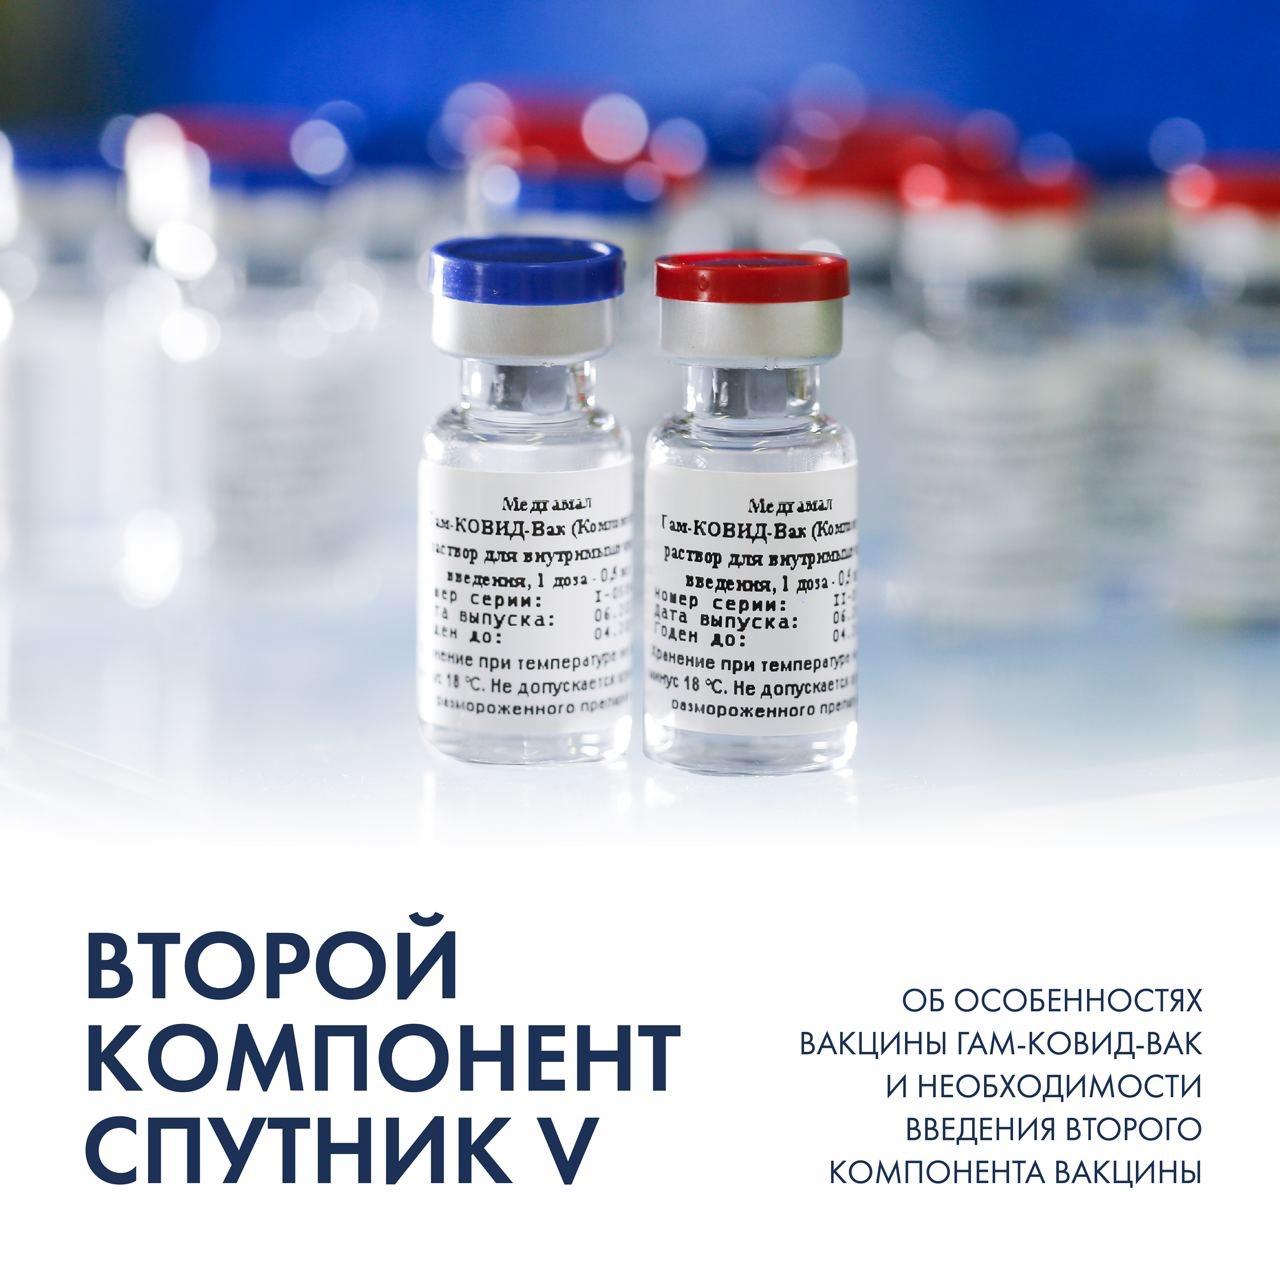 Второй этап вакцинации: для чего она и почему это важно?   Второй этап вакцинации - введение второго компонента первой зарегистрированной в мире вакцины против COVID-19 Гам-Ковид-Вак (так же известная как Спутник V)